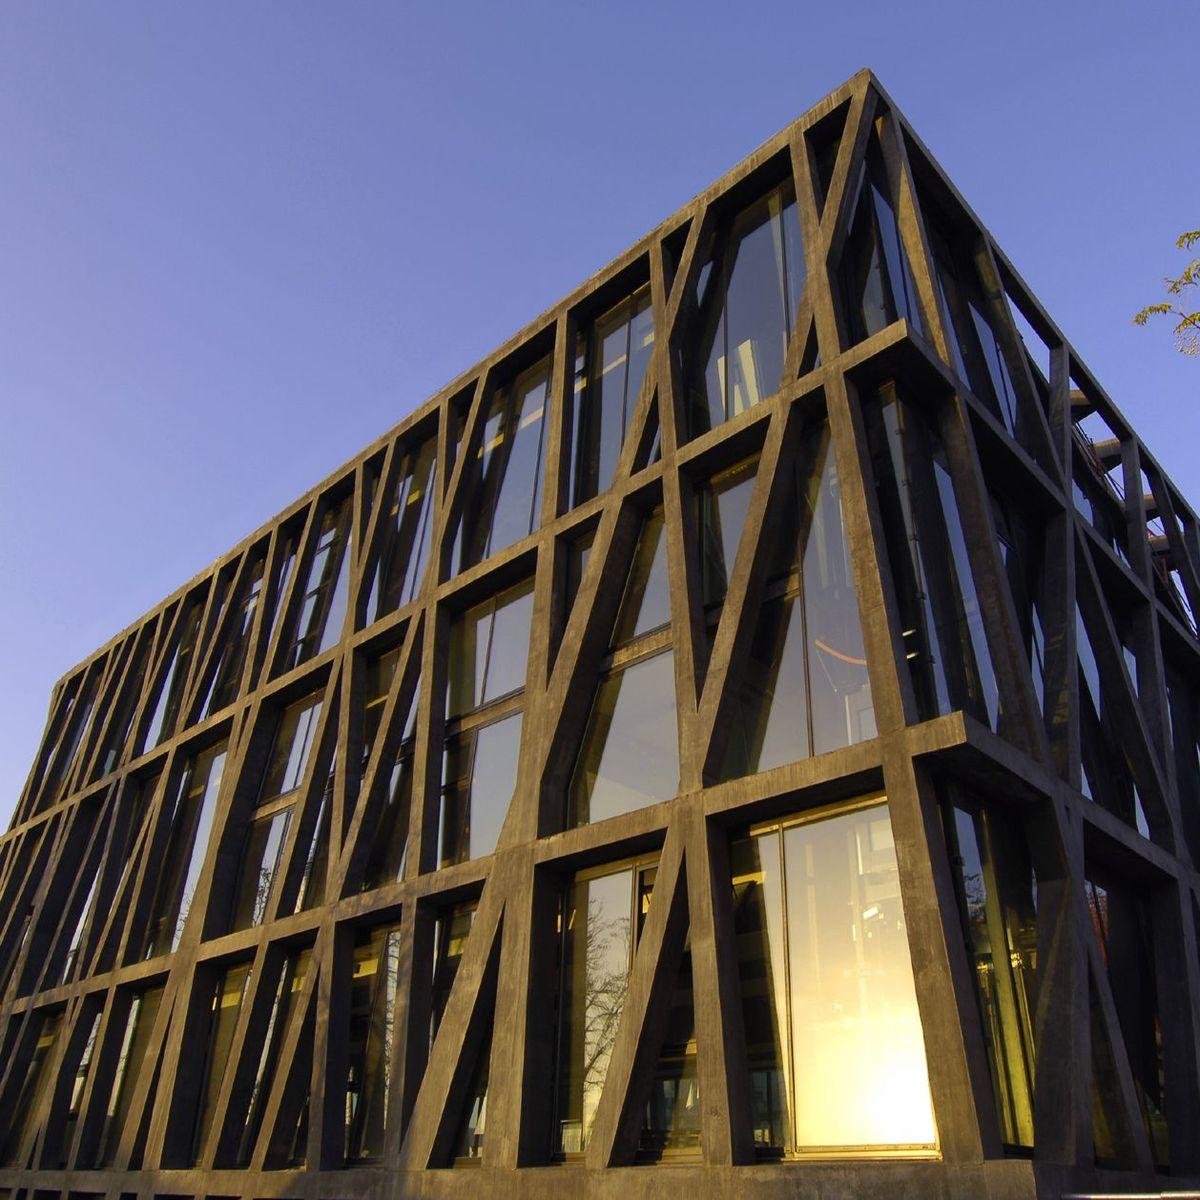 Aix En Provence Le Point Sur Les Spectacles Et Rendez Vous A L Affiche Du Pavillon Noir Jusqu En Decembre